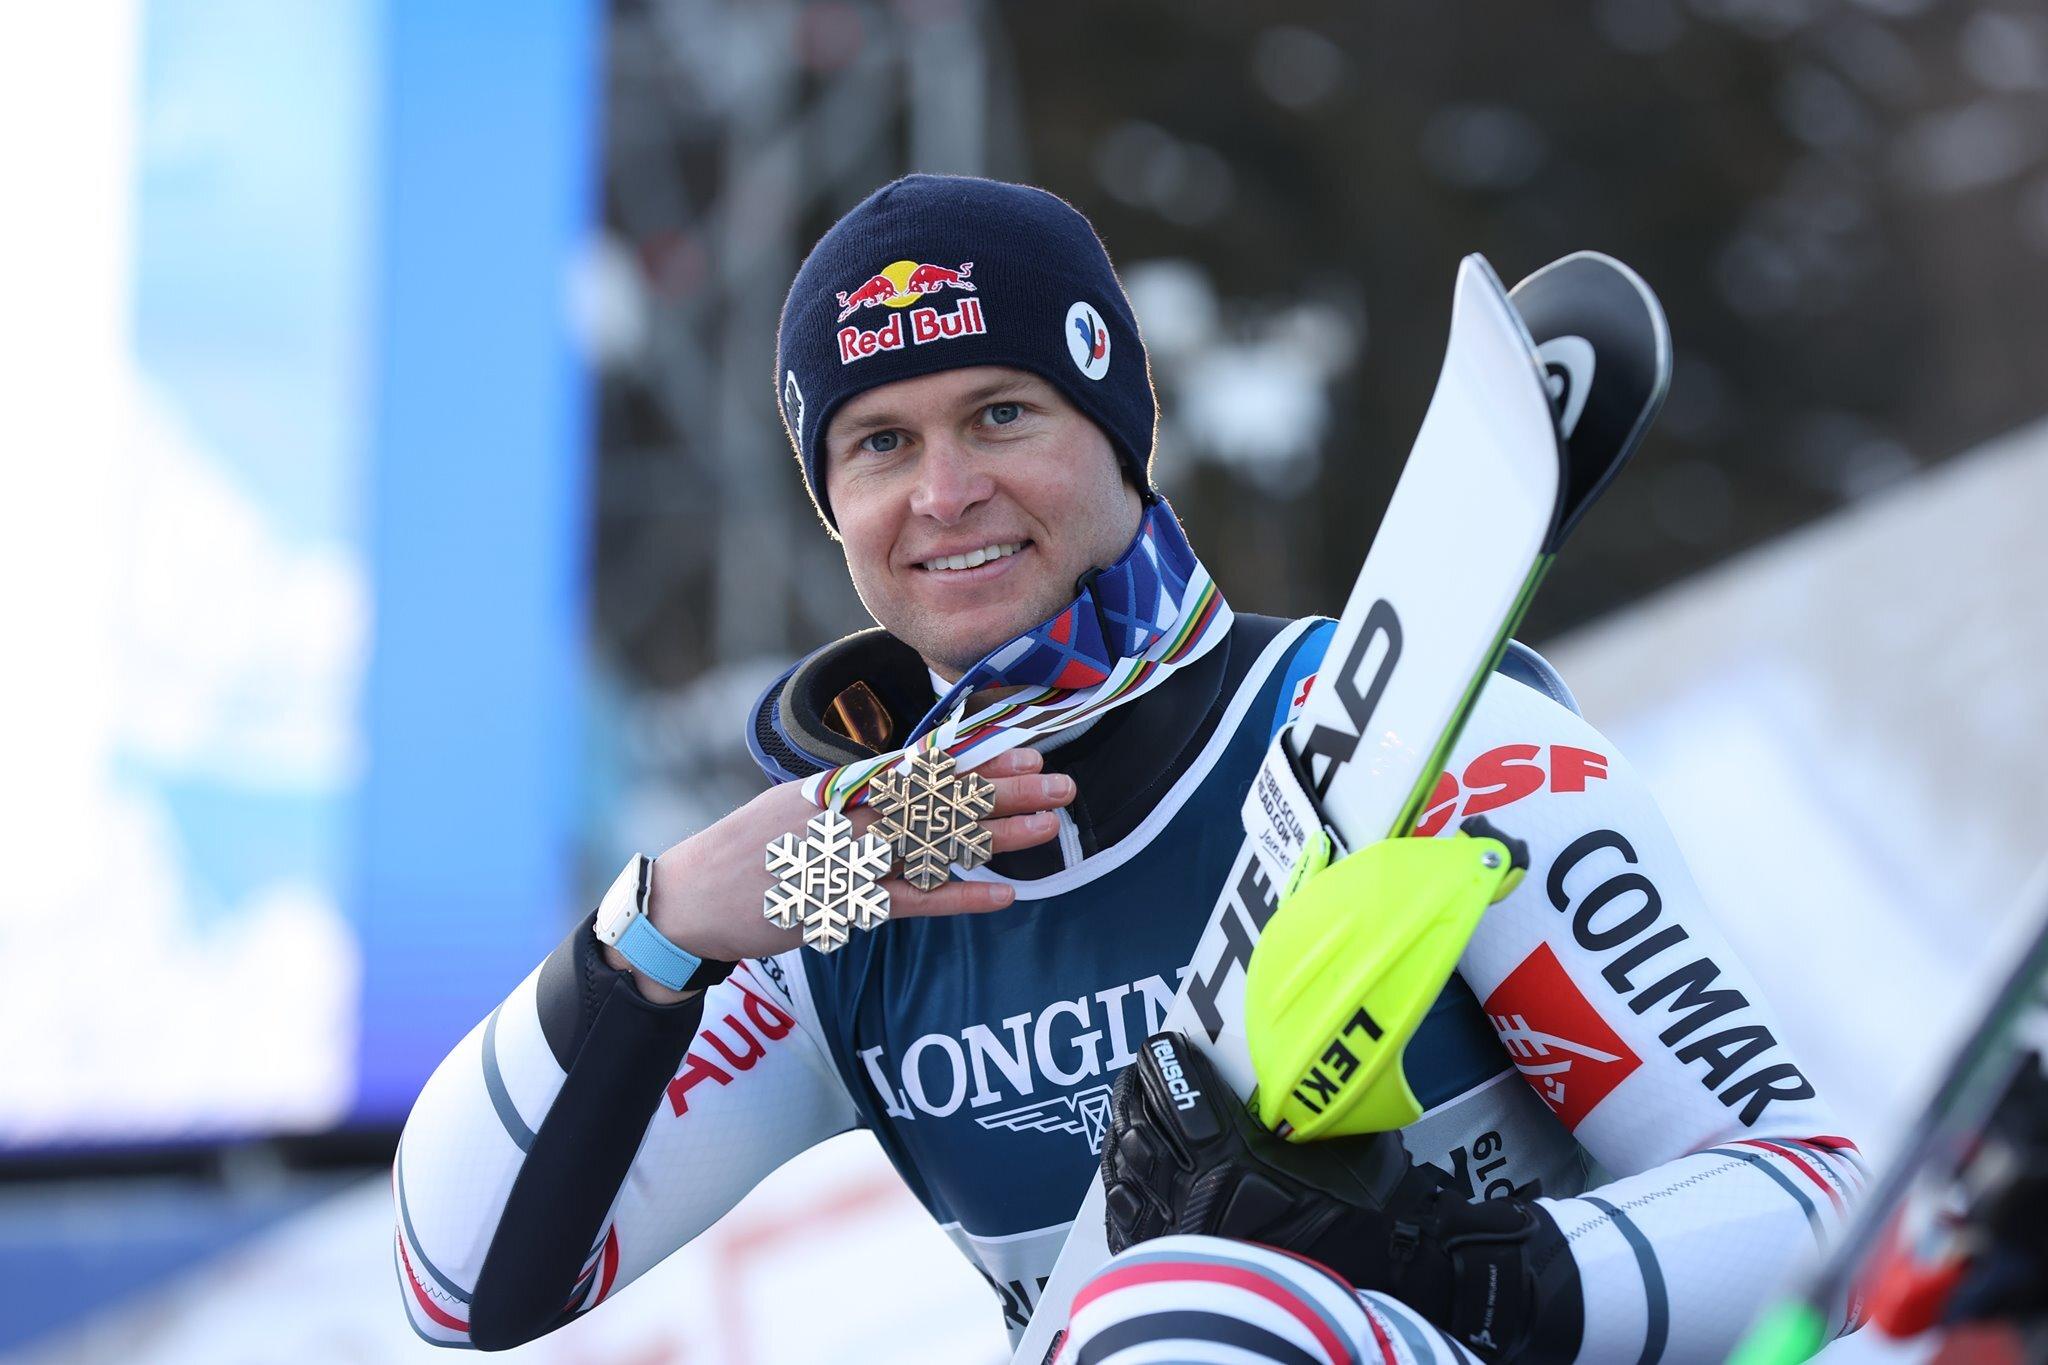 Calendrier Ski Alpin 2022 Ski alpin   Le calendrier de la coupe du monde hommes 2022